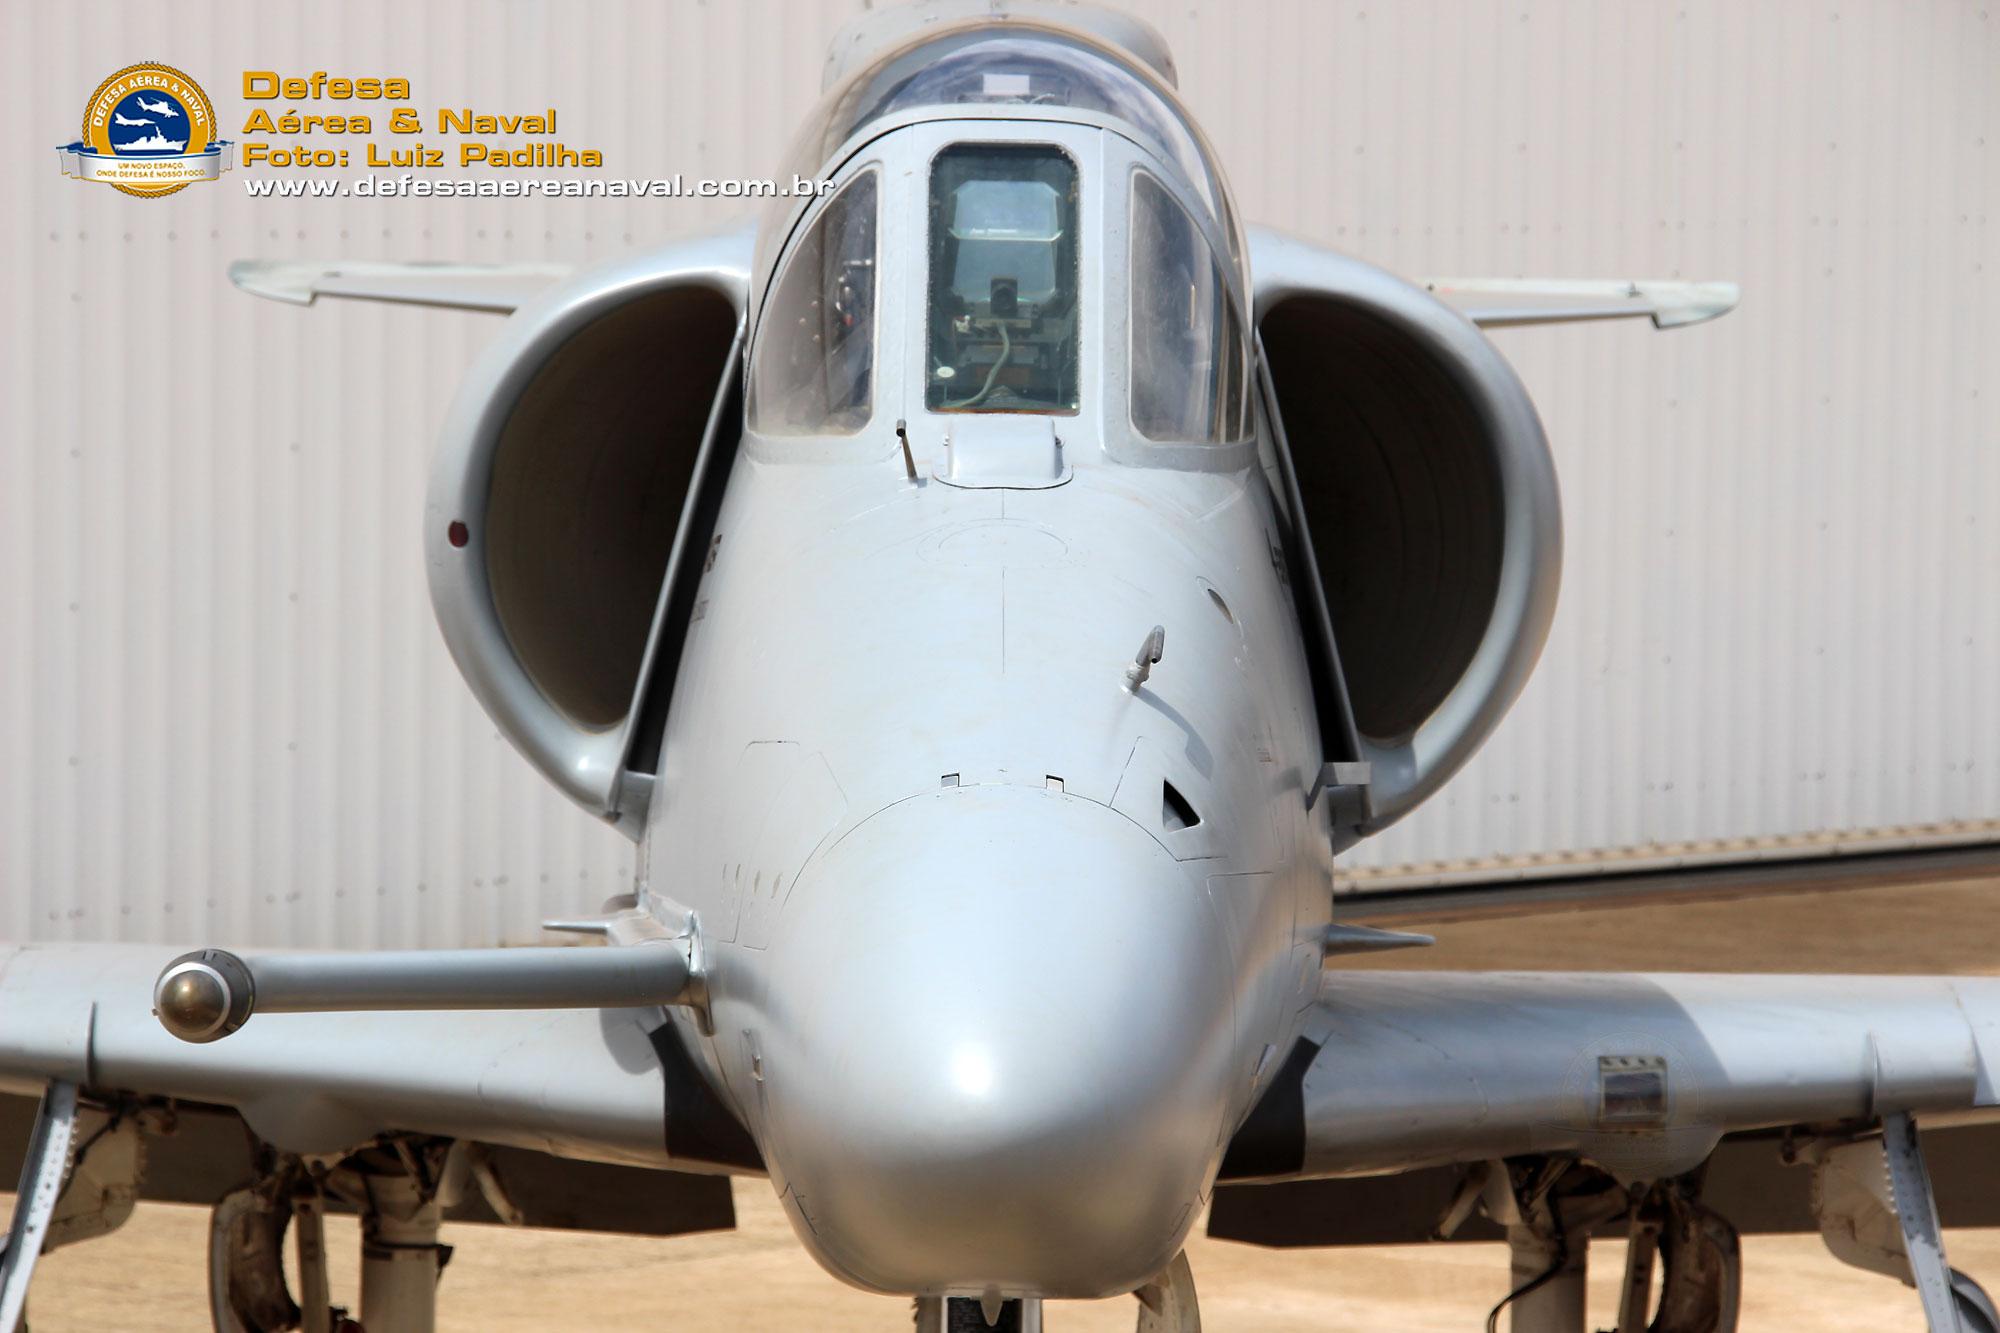 A-4-Skyhawk---AF-1C---VF-1-29